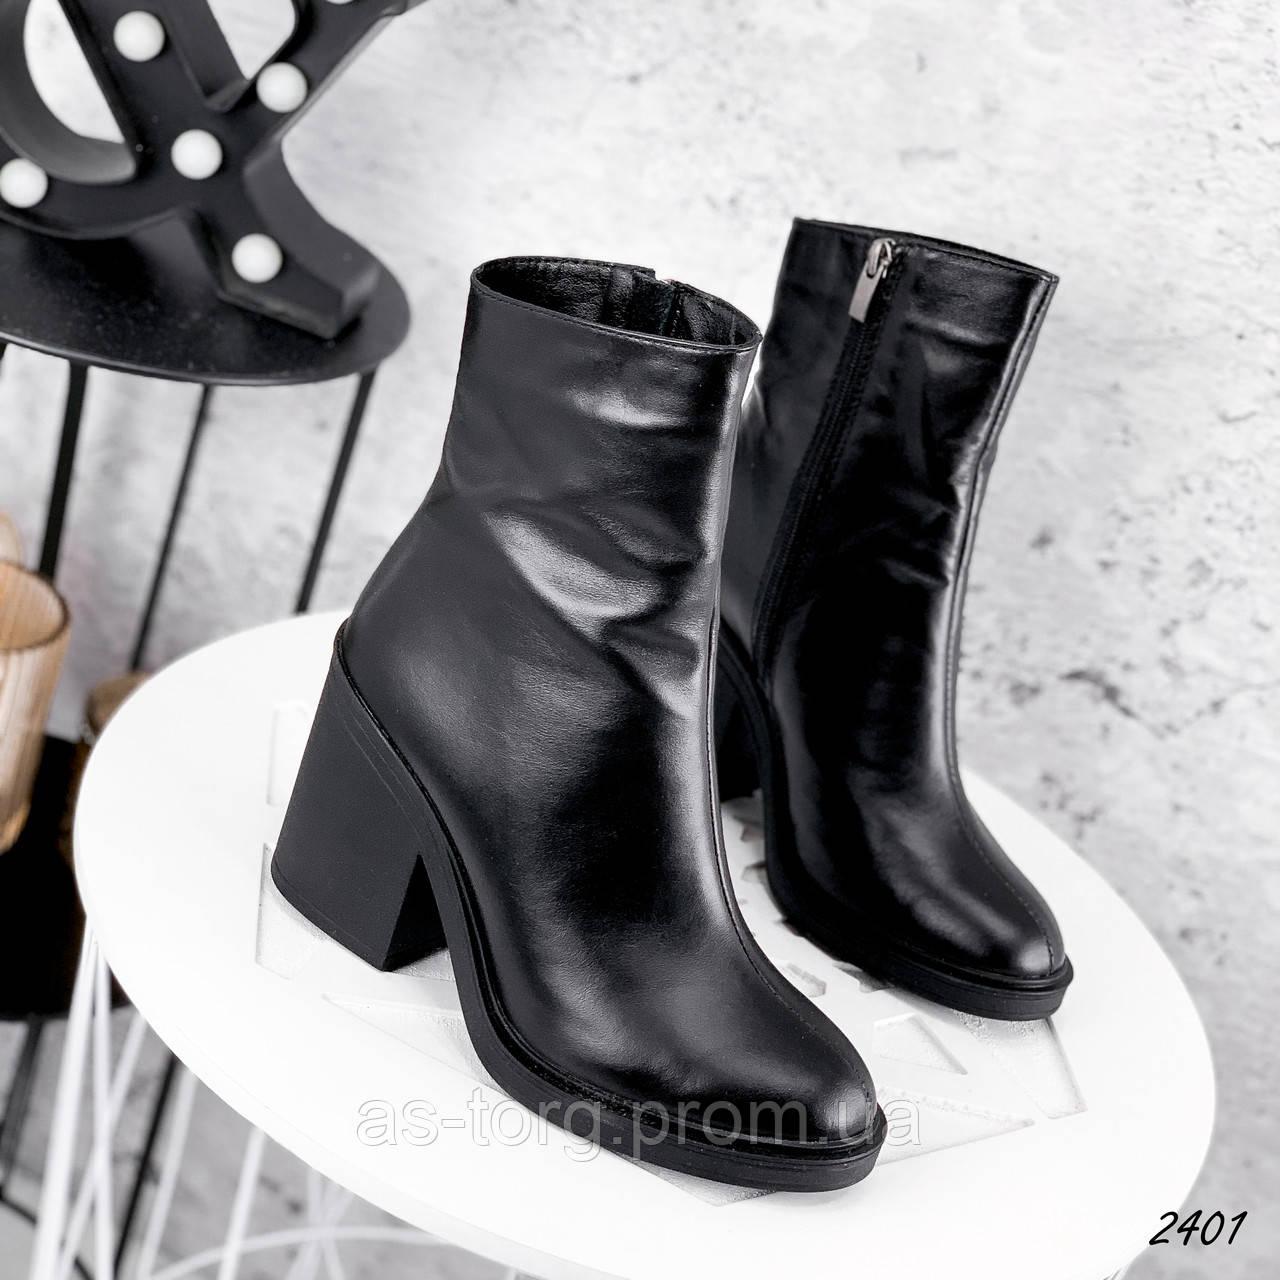 Ботильоны женские Tad черные 2401 ДЕМИ